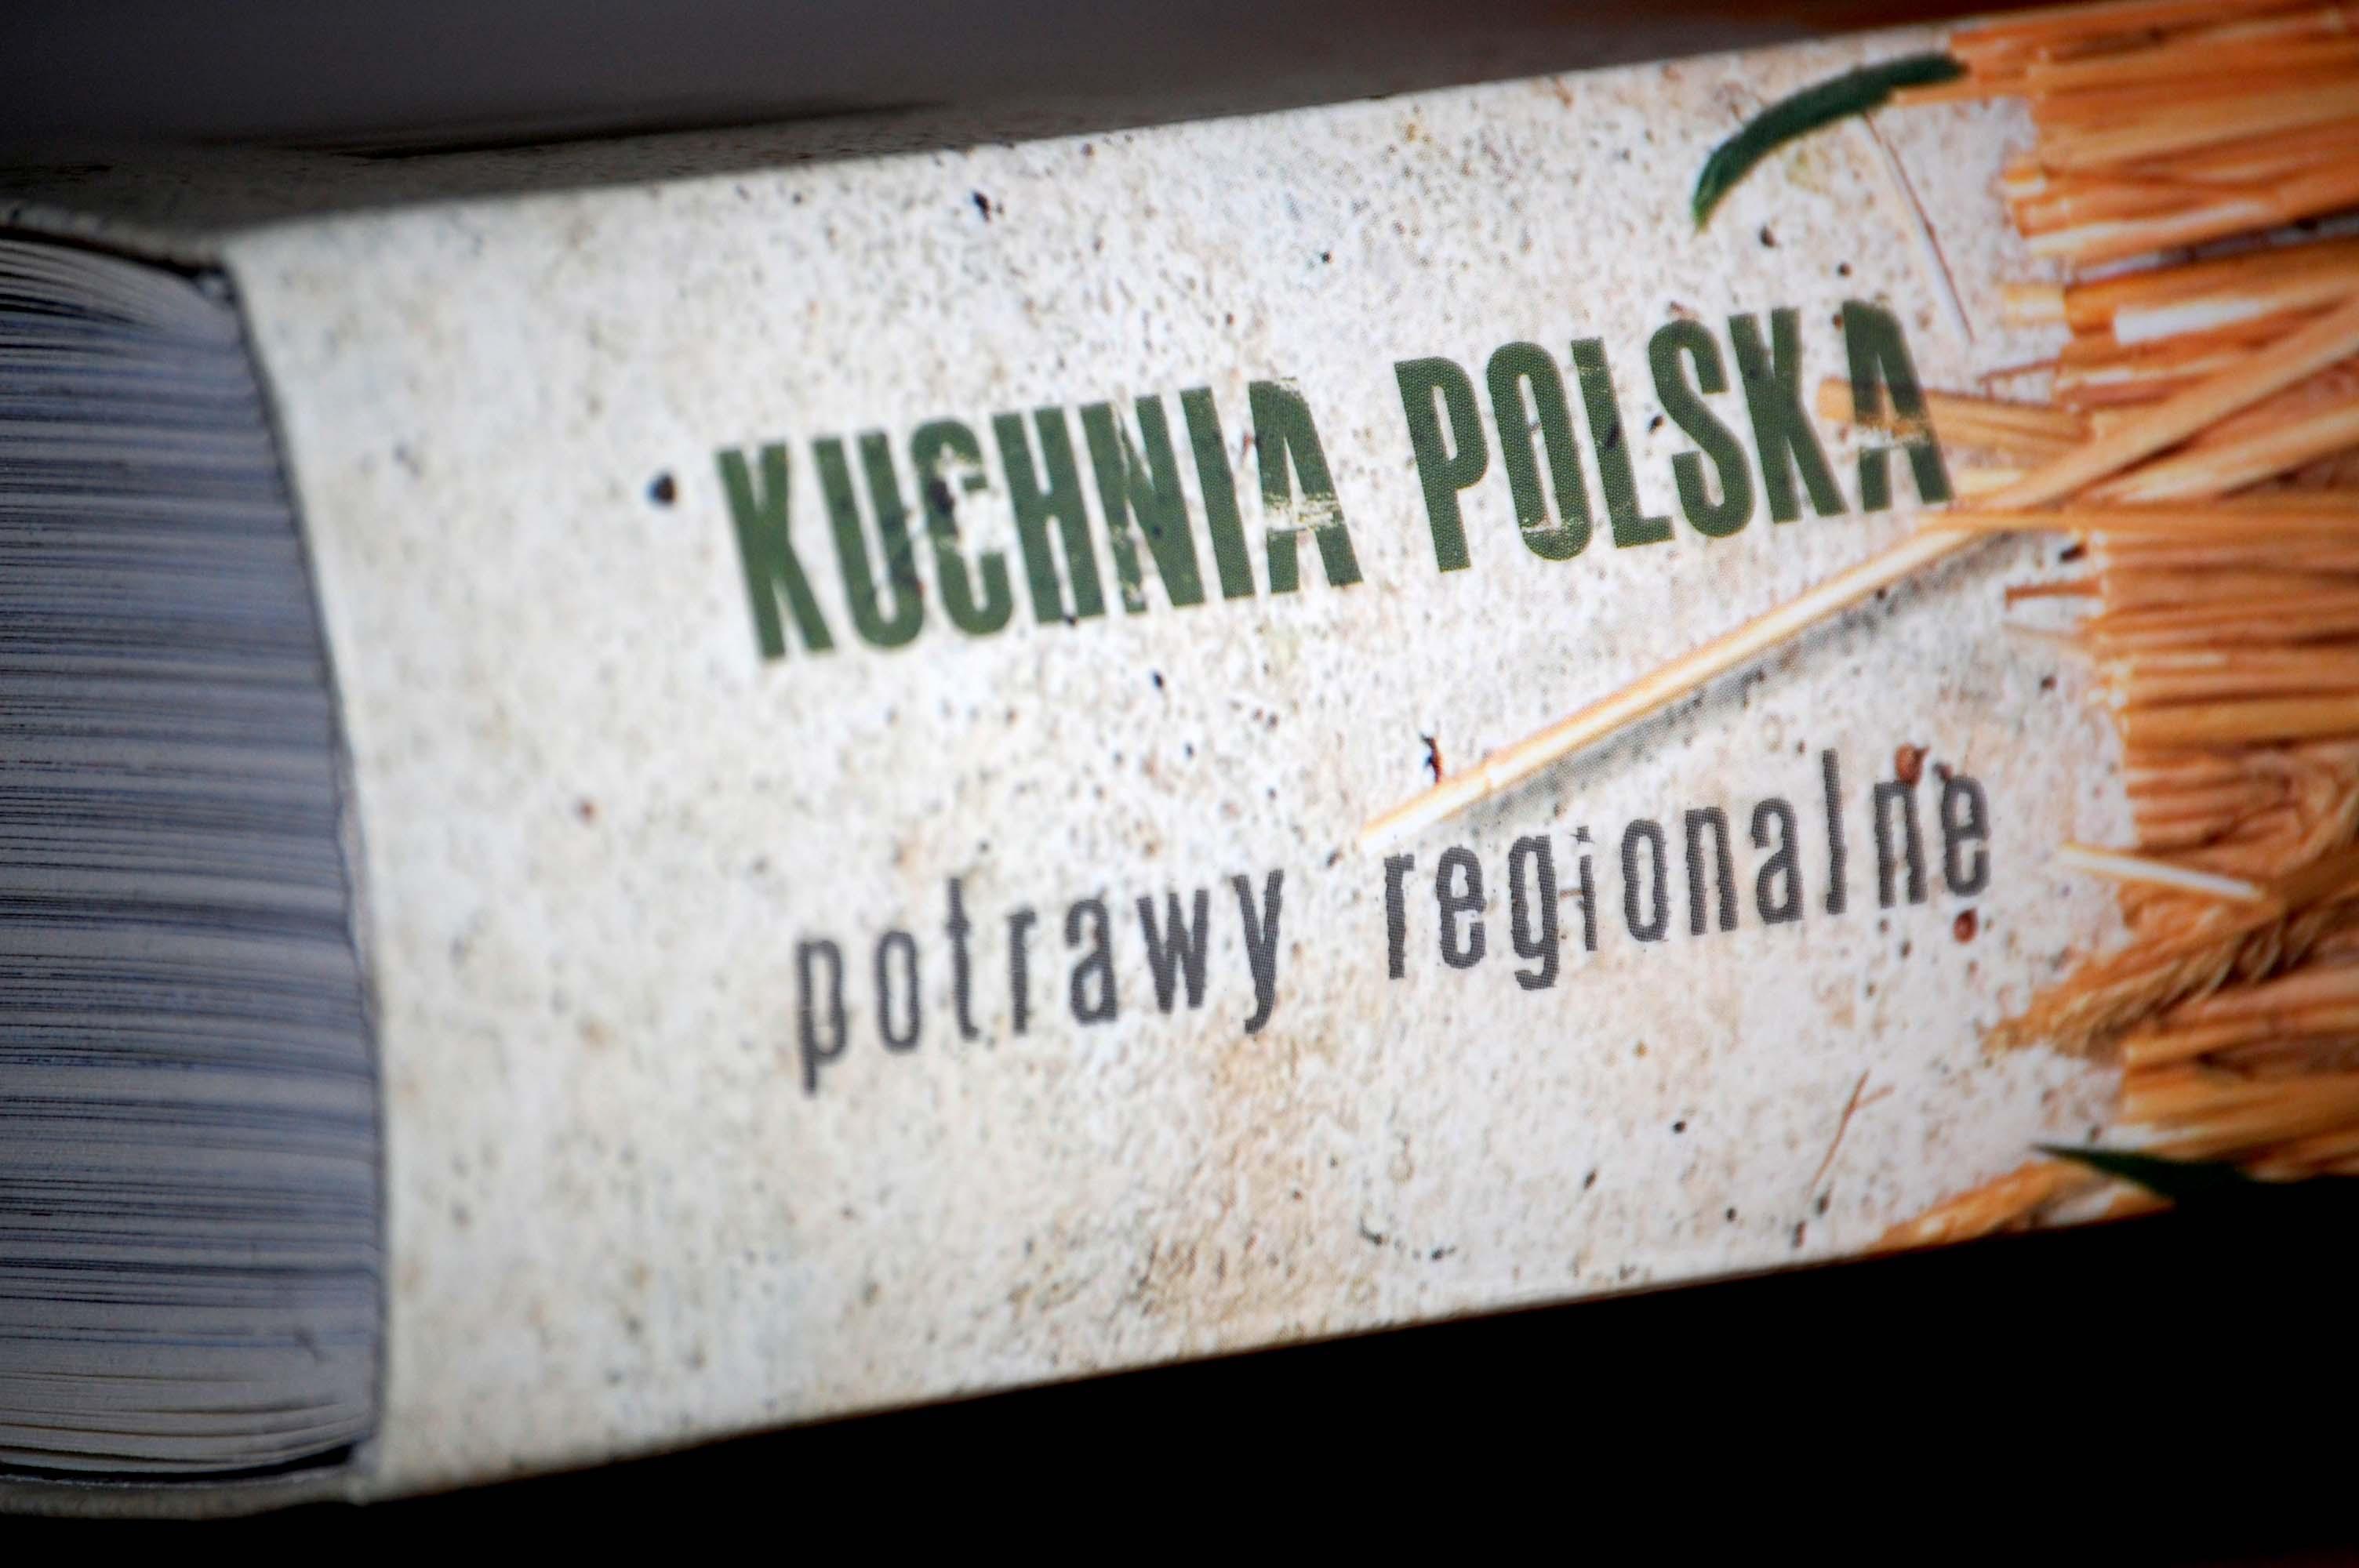 KUCHNIA POLSKA potrawy regionalne  Hanna Szymanderska  PrzyslijPrzepis pl -> Kuchnia Tradycyjne Polskie Potrawy